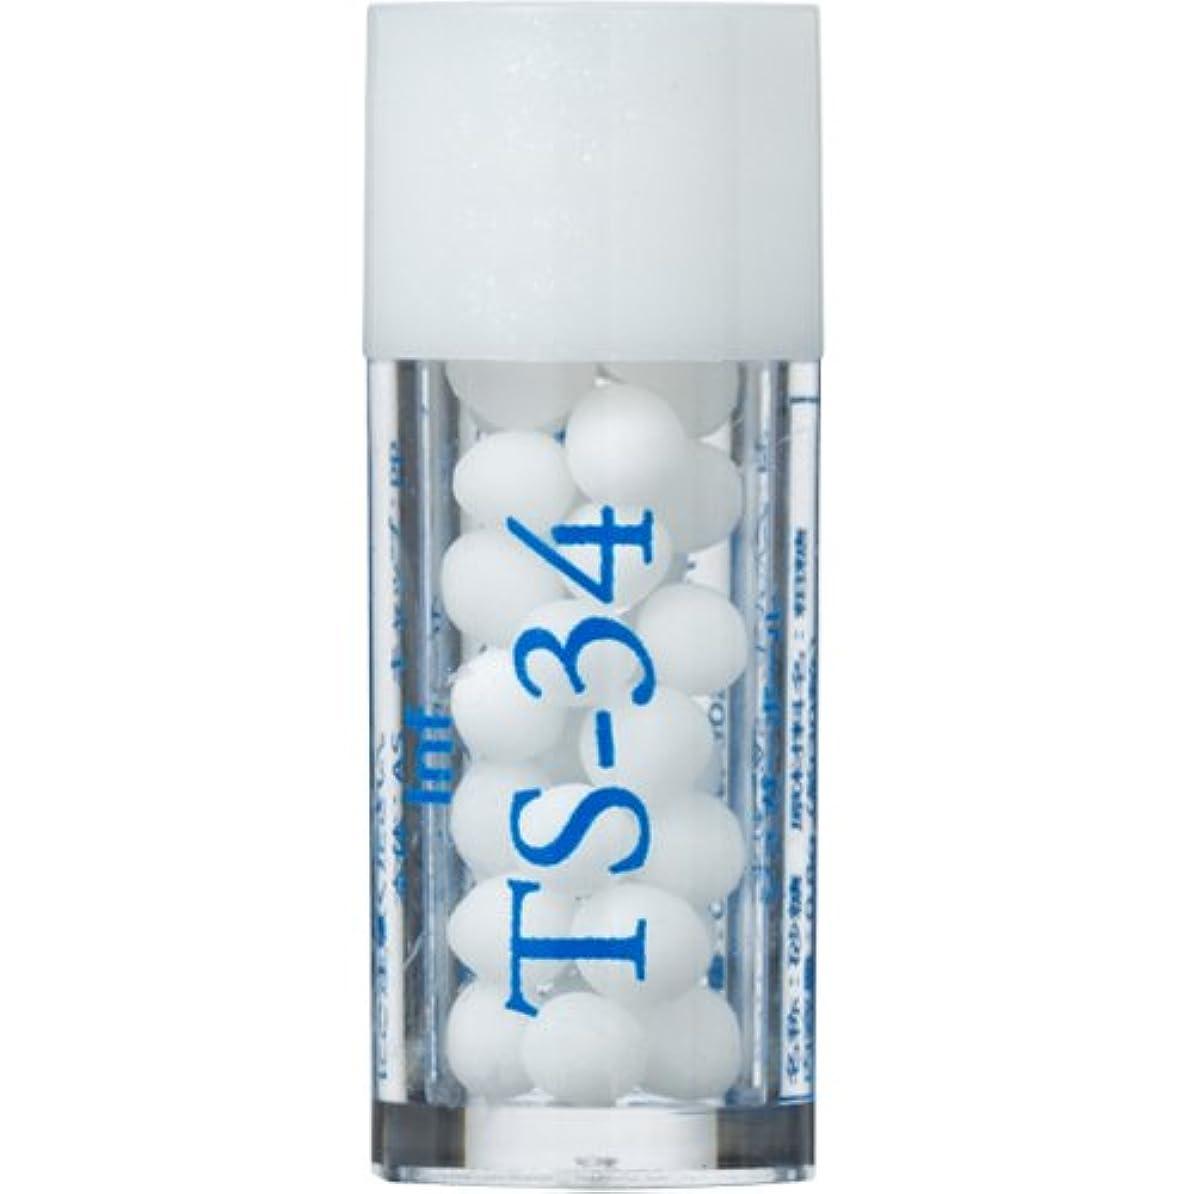 テニスゴミ箱を空にするゲージホメオパシージャパンレメディー YOBO18 TS-34